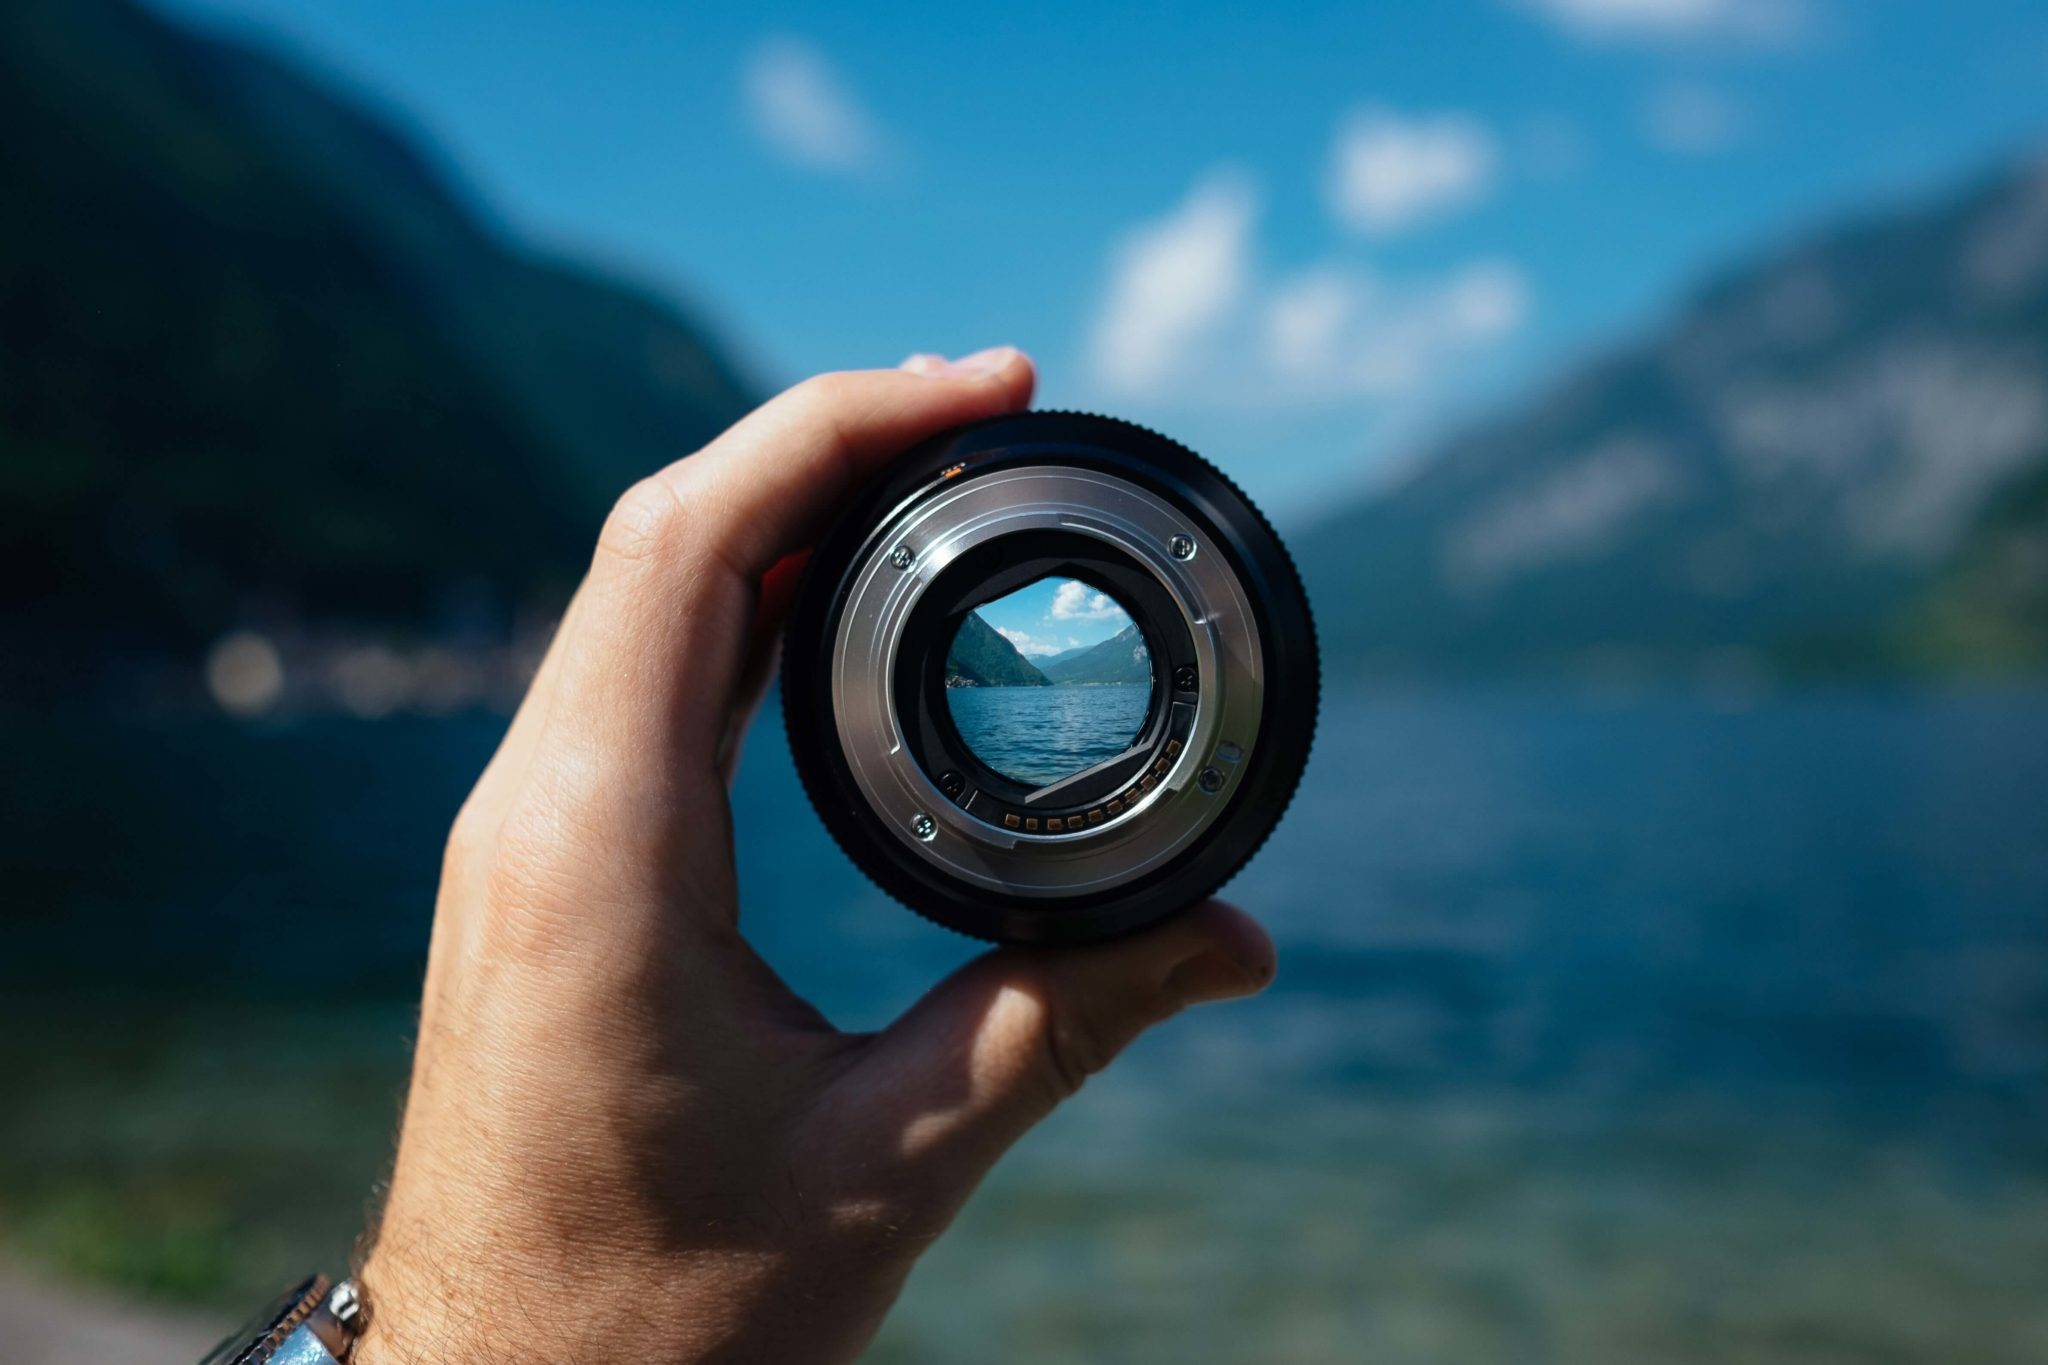 perspektywa, świadomość, inne spojrzenie